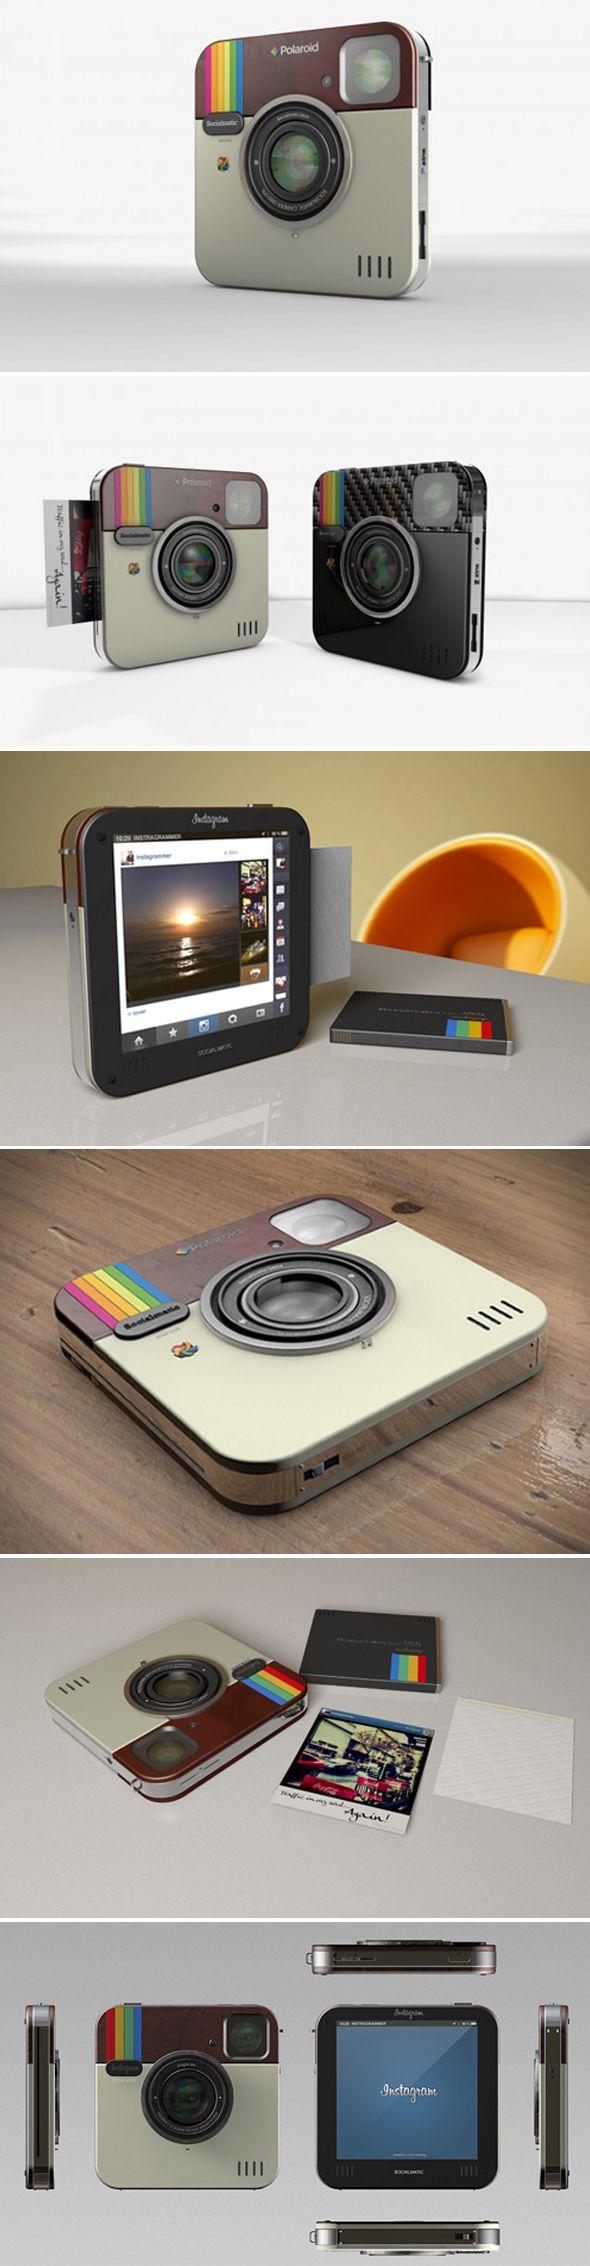 Appareil-Polaroide-instagram-et-imprimante-2